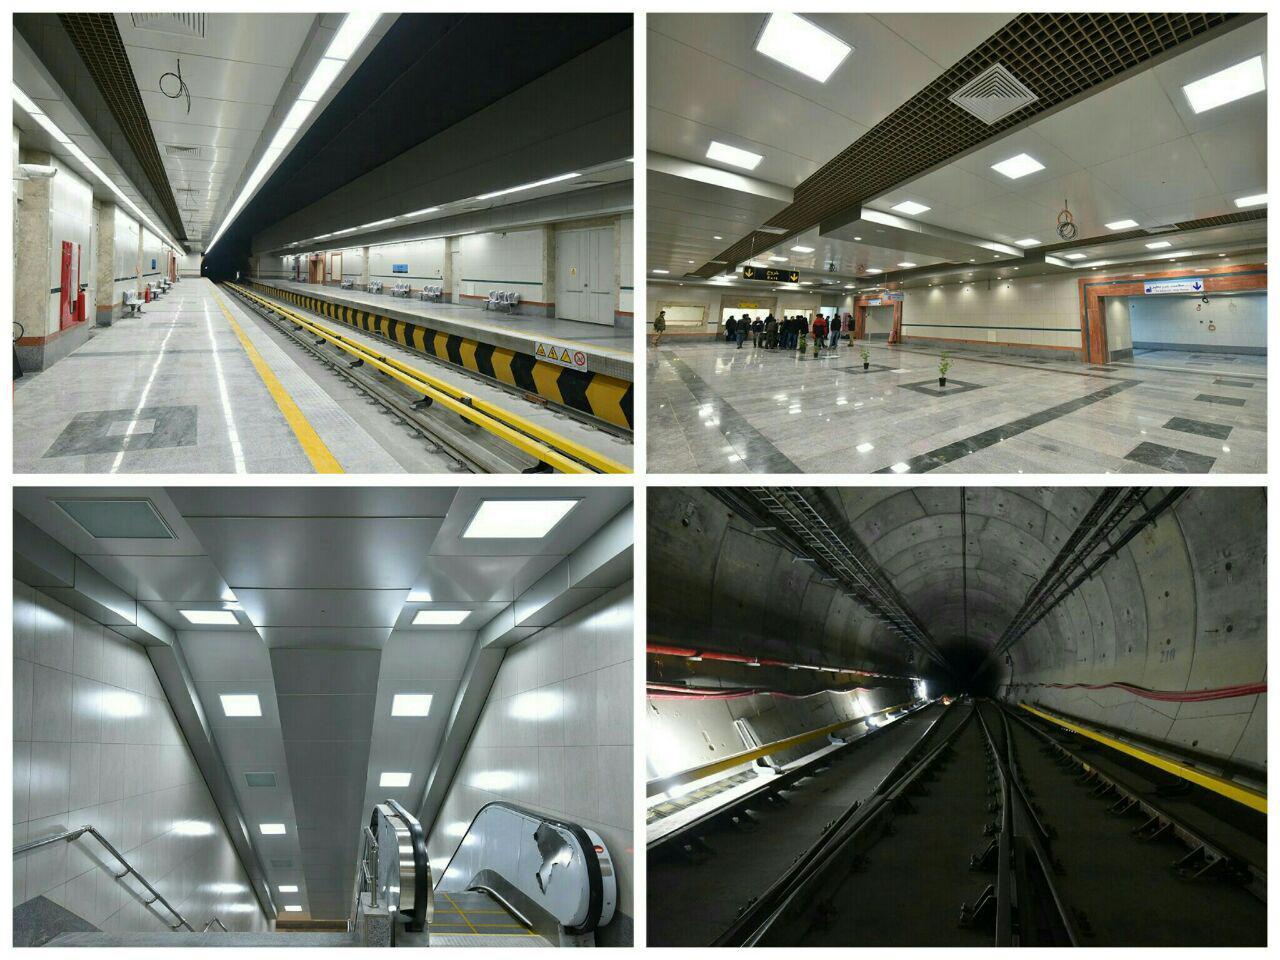 اتمام معماری ایستگاه کشف رود خط 2 مترو مشهد+تصاویر